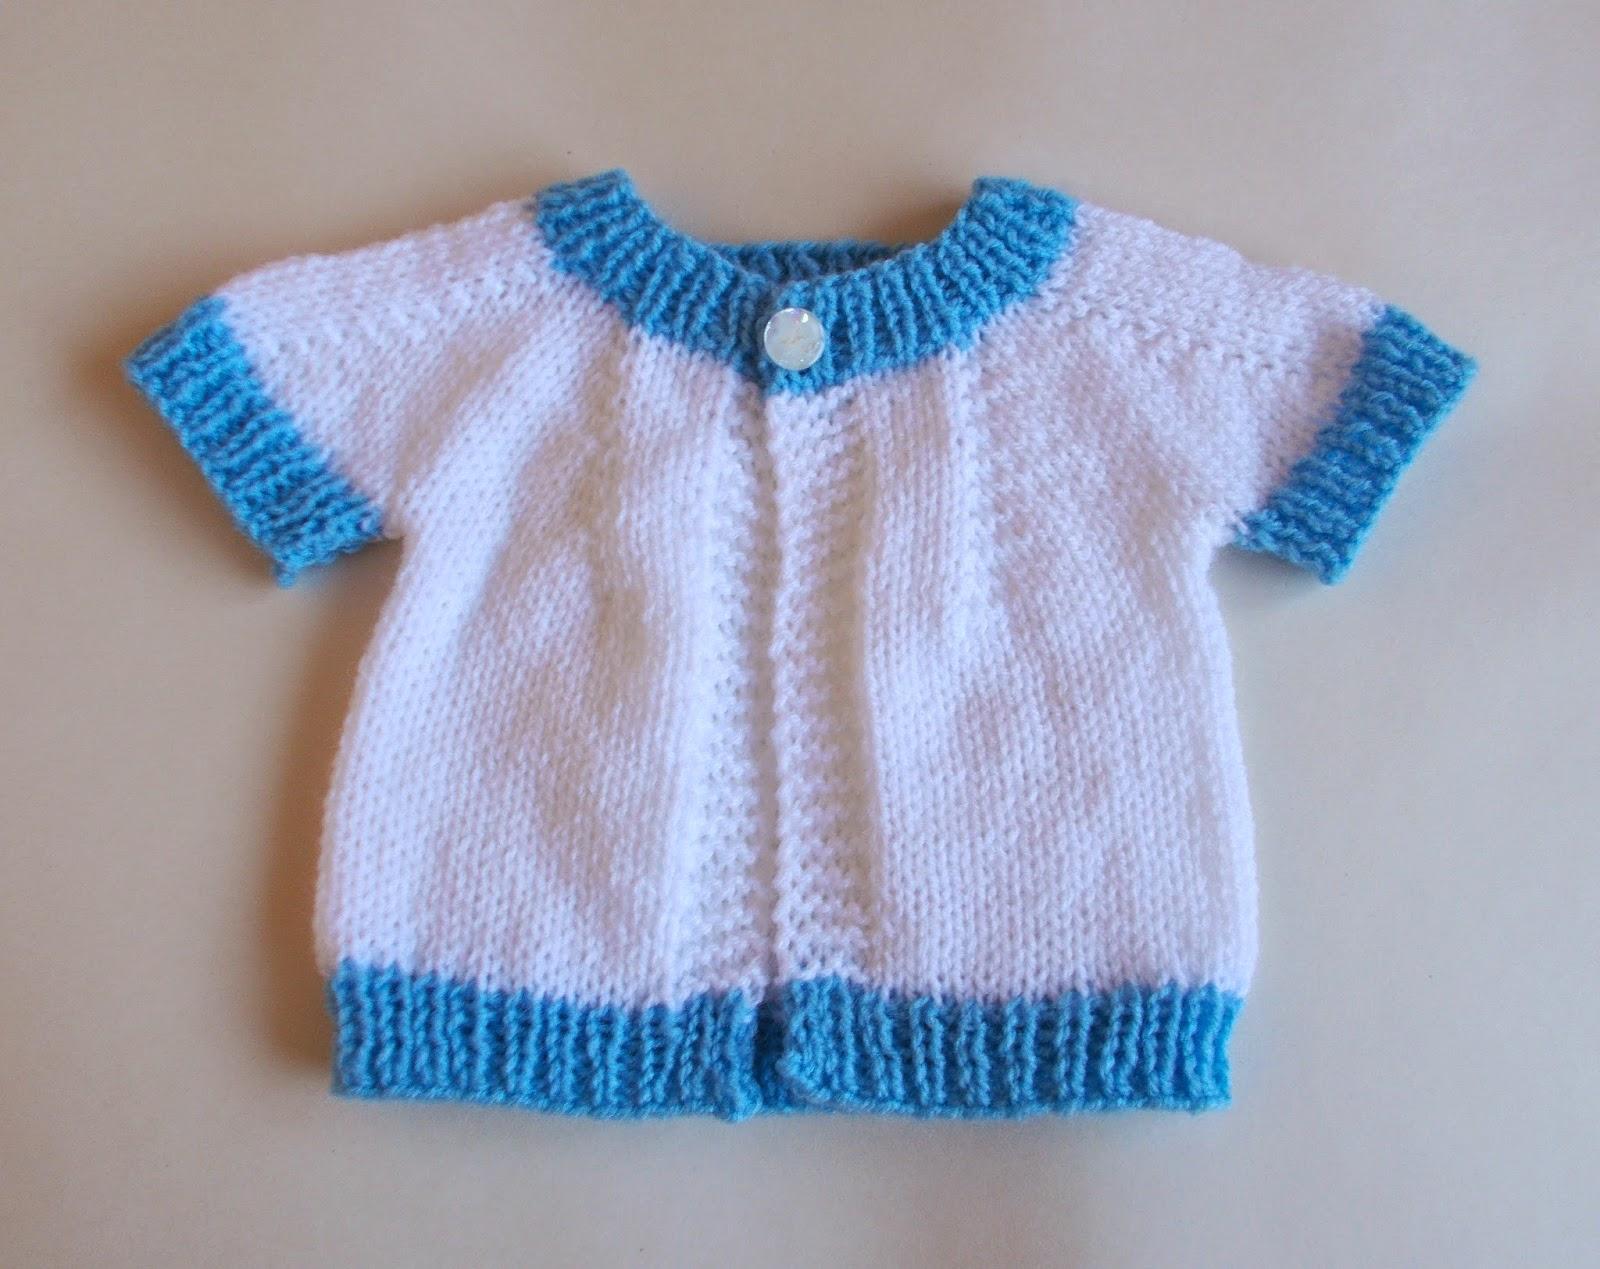 5d5ba41927a9 Marianna s Lazy Daisy Days  Boy or Girl Top Down Baby Jacket